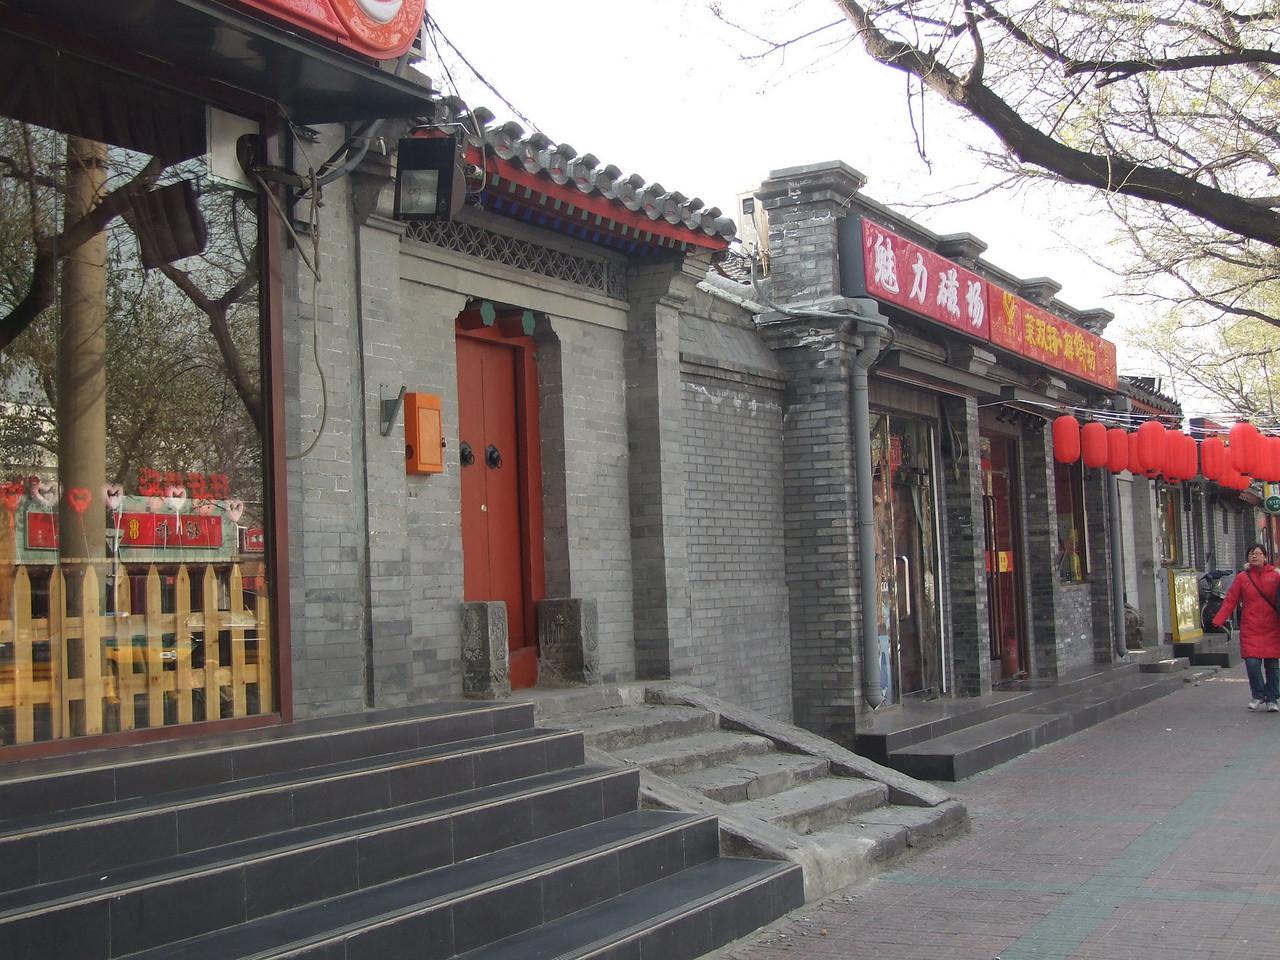 une entrée sur Dong zhi men wai dajie